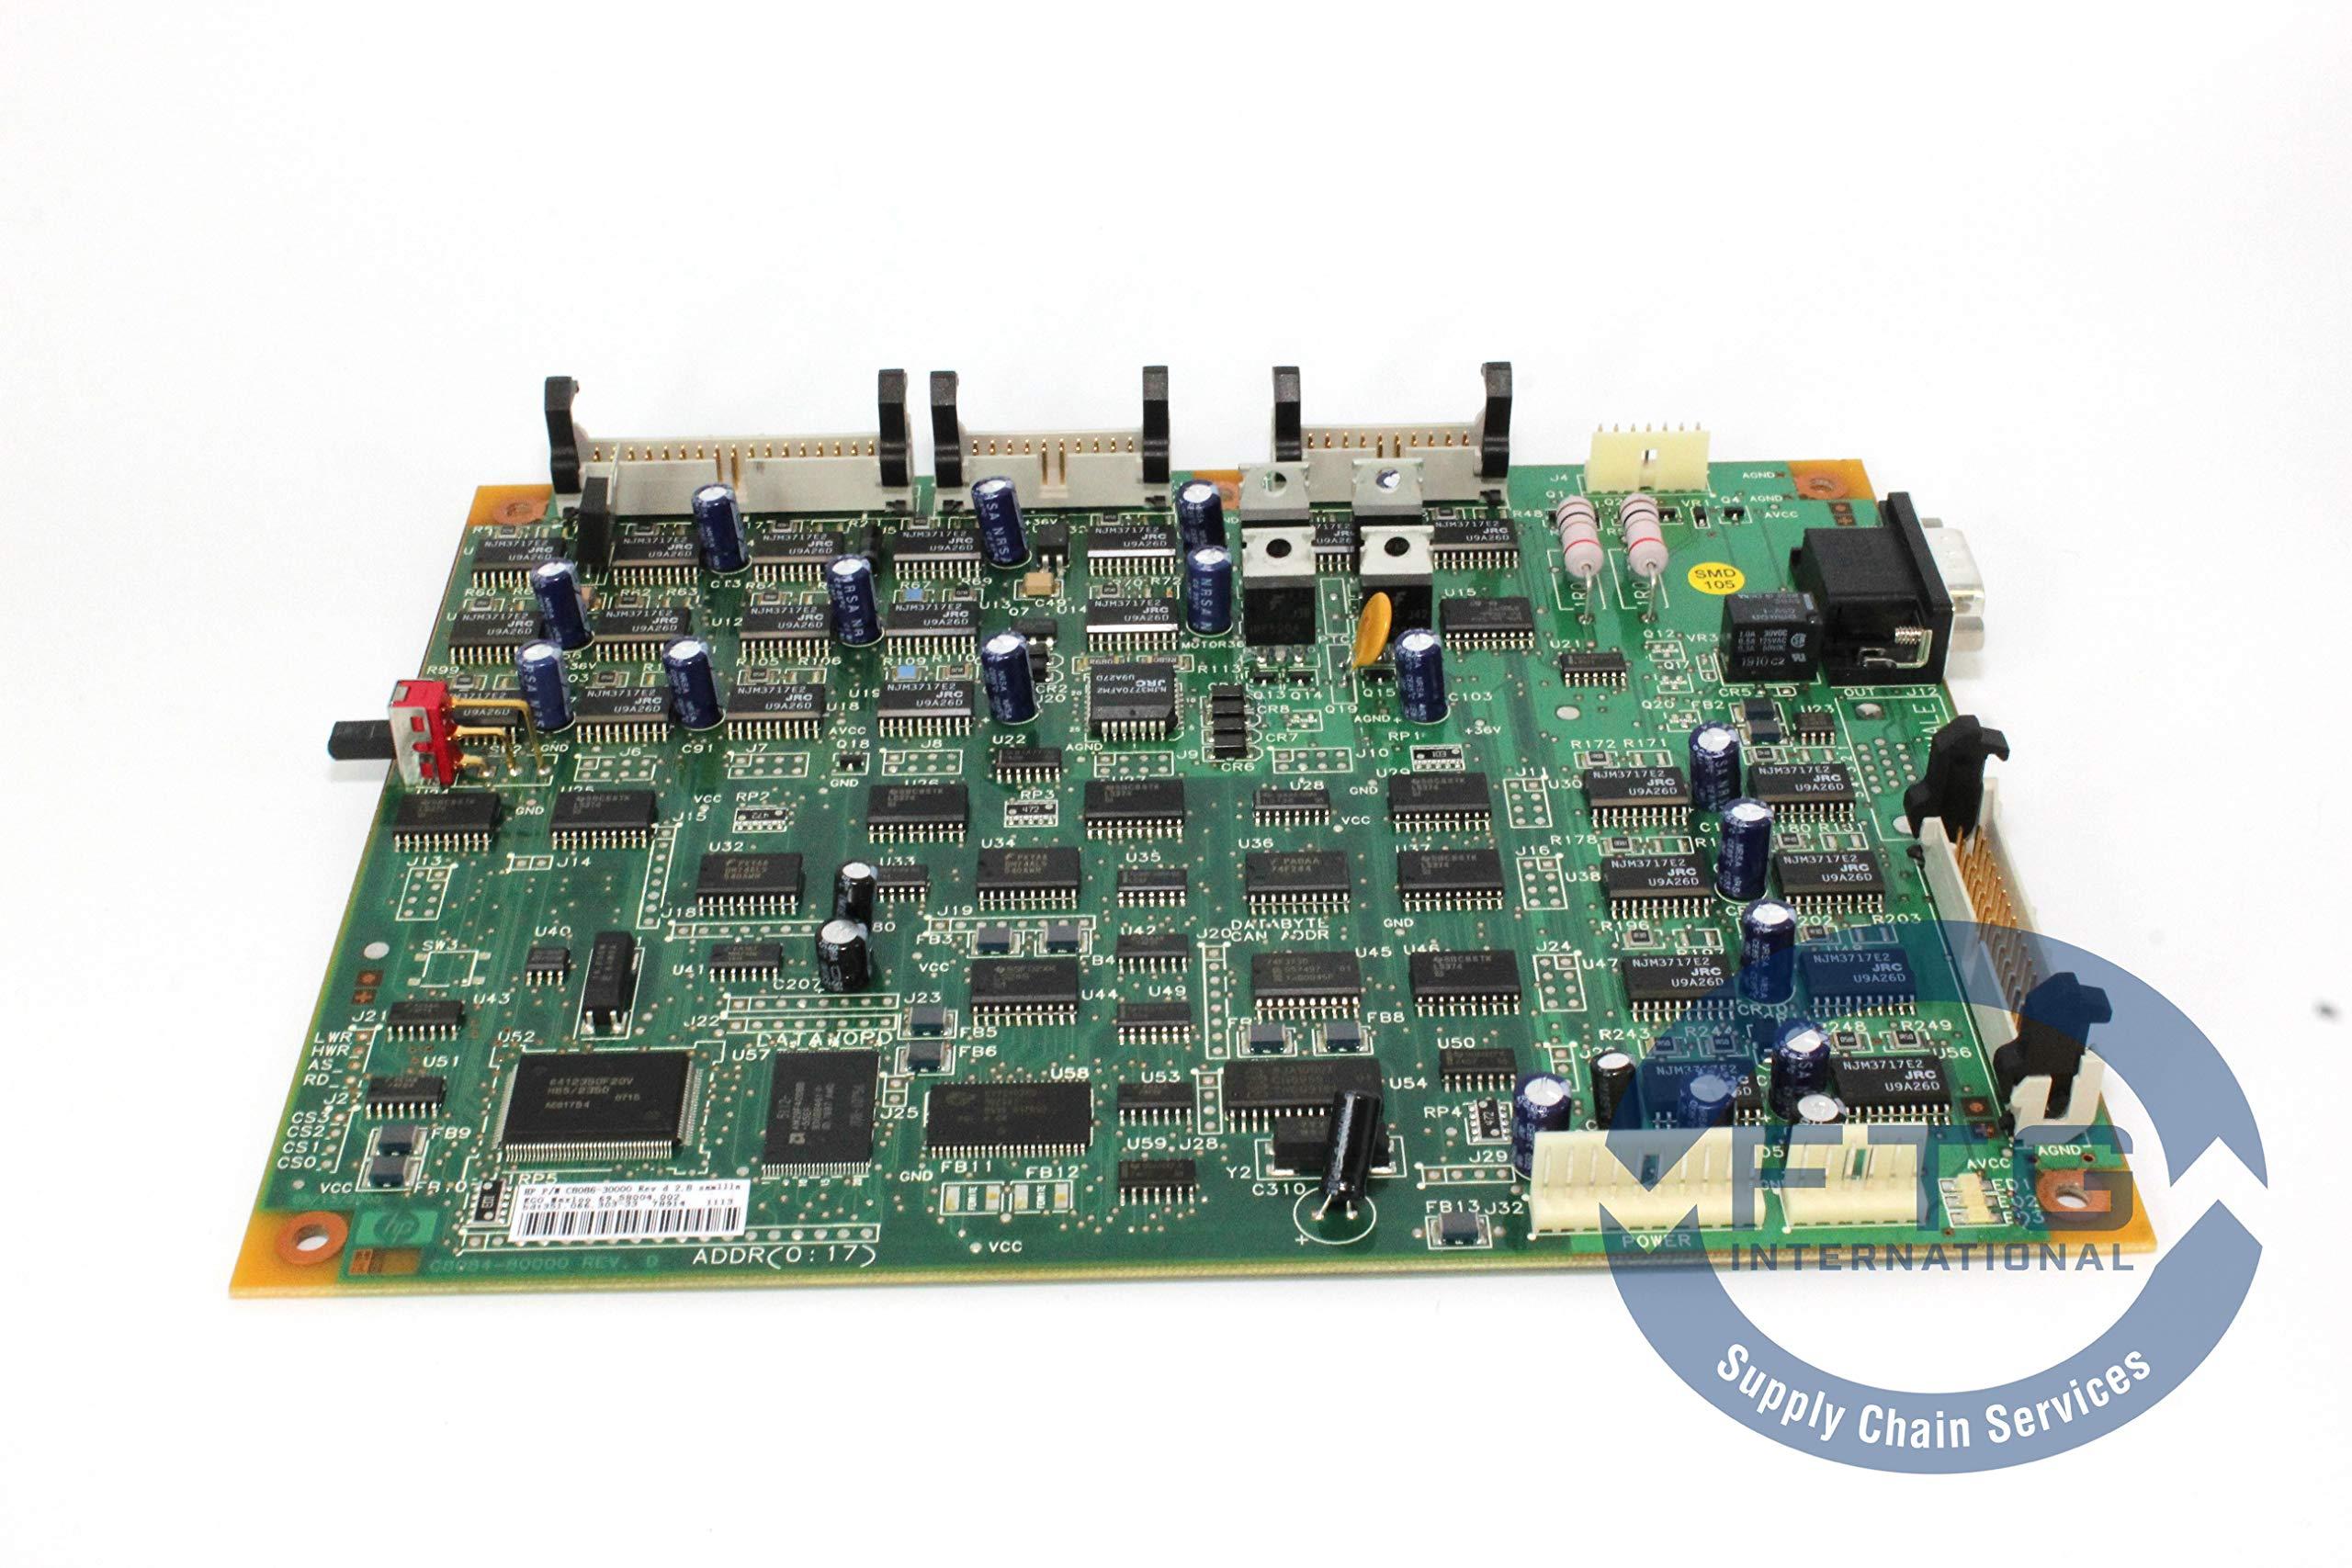 FTG International C8085-60567 Stapler-Stacker Controller PCA C8085-605